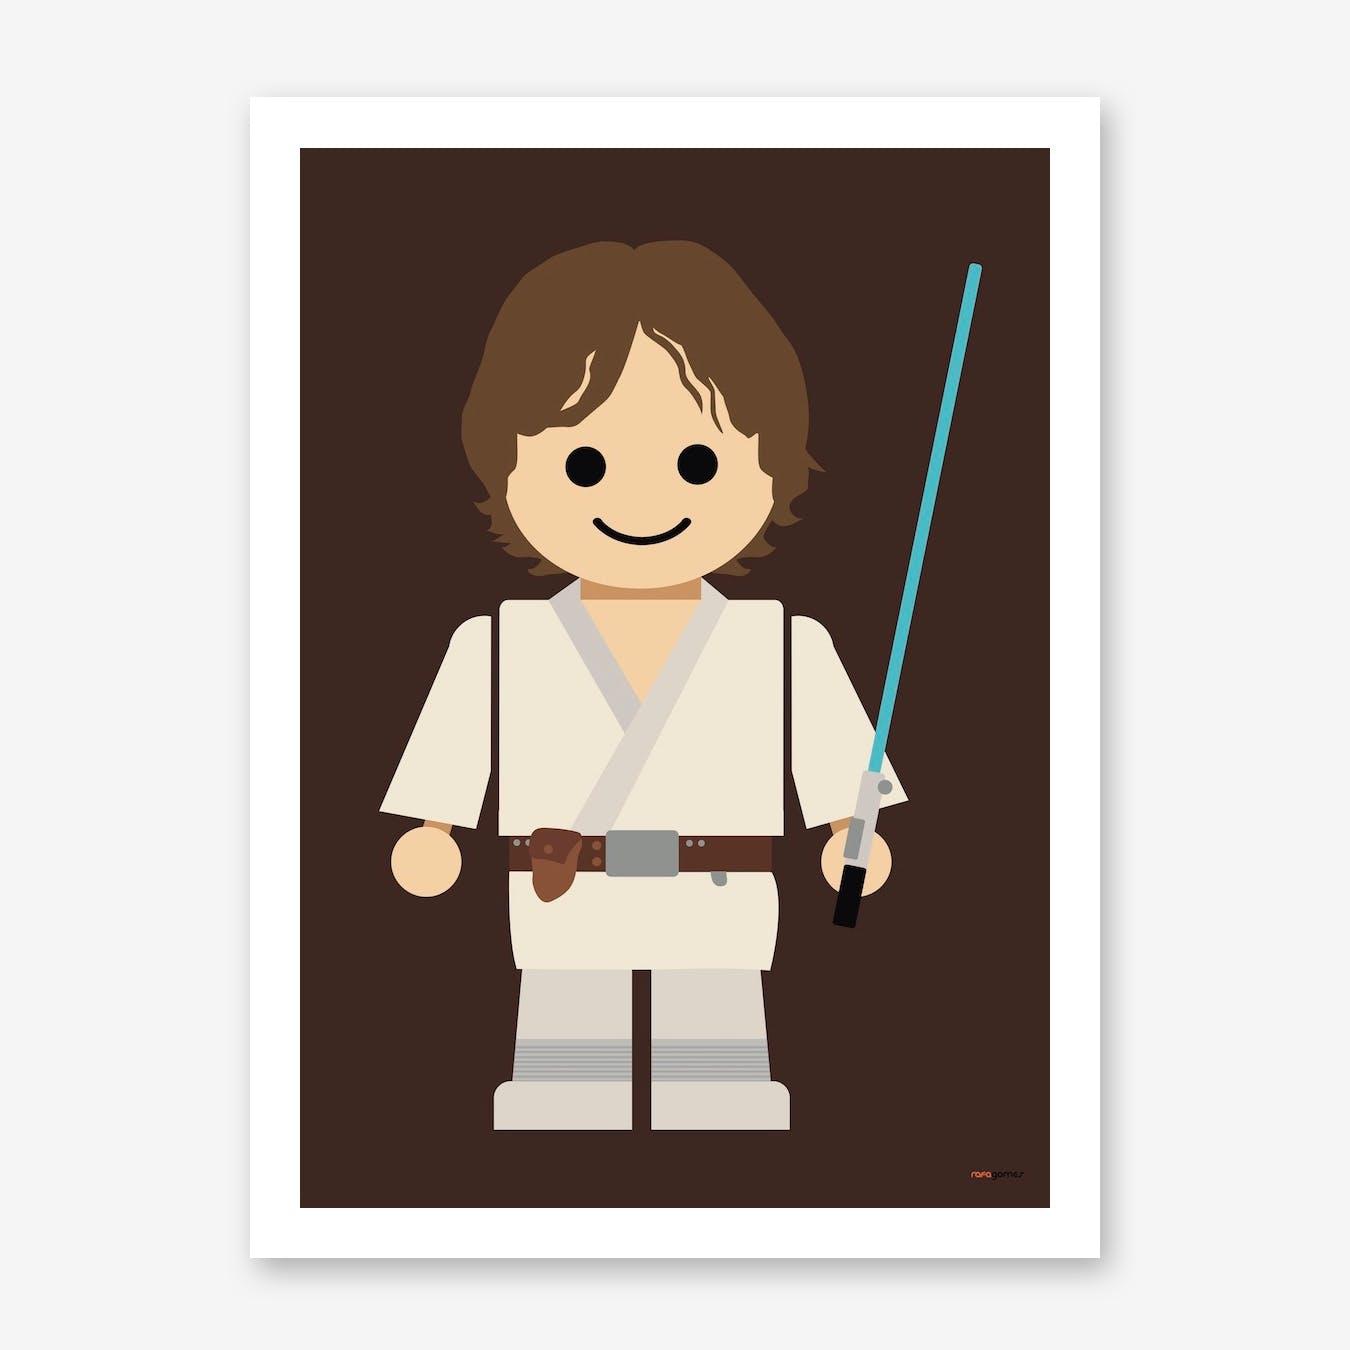 Toy Luke Skywalker